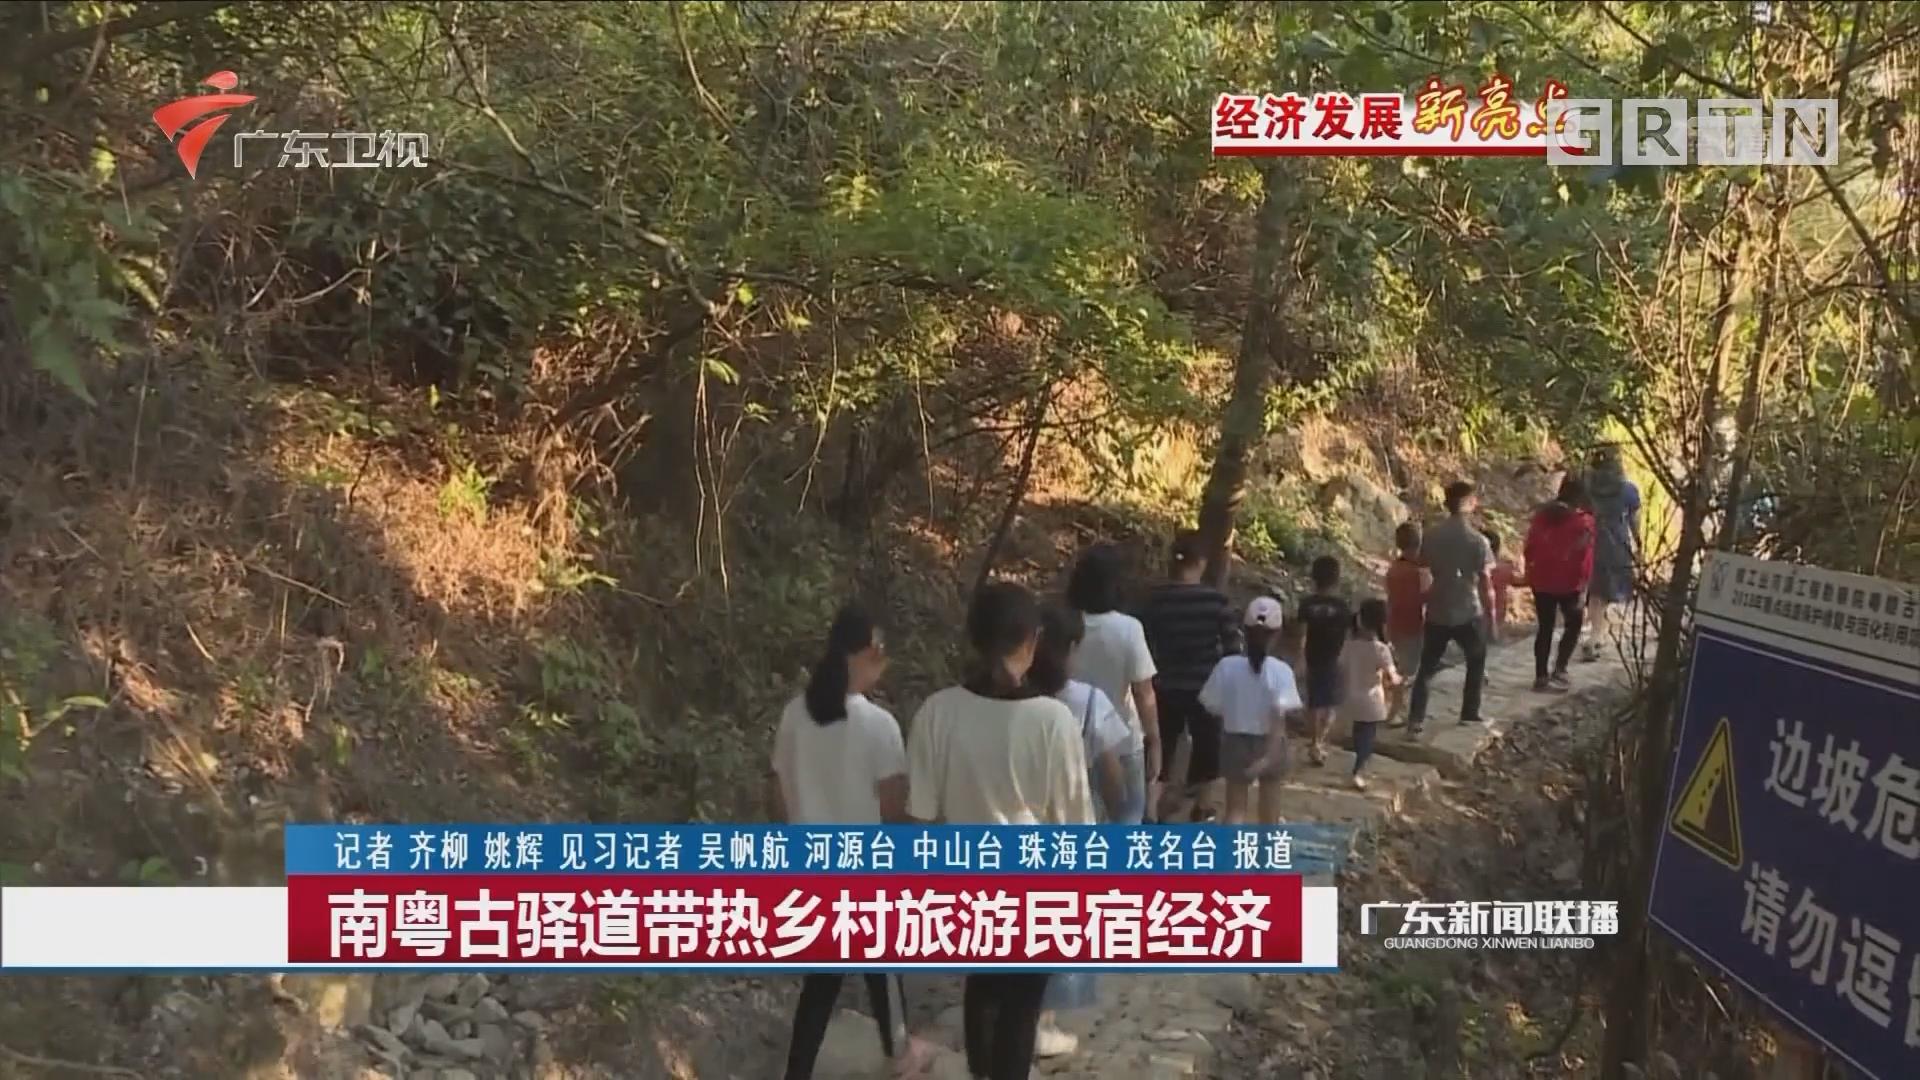 南粤古驿道带热乡村旅游民宿经济